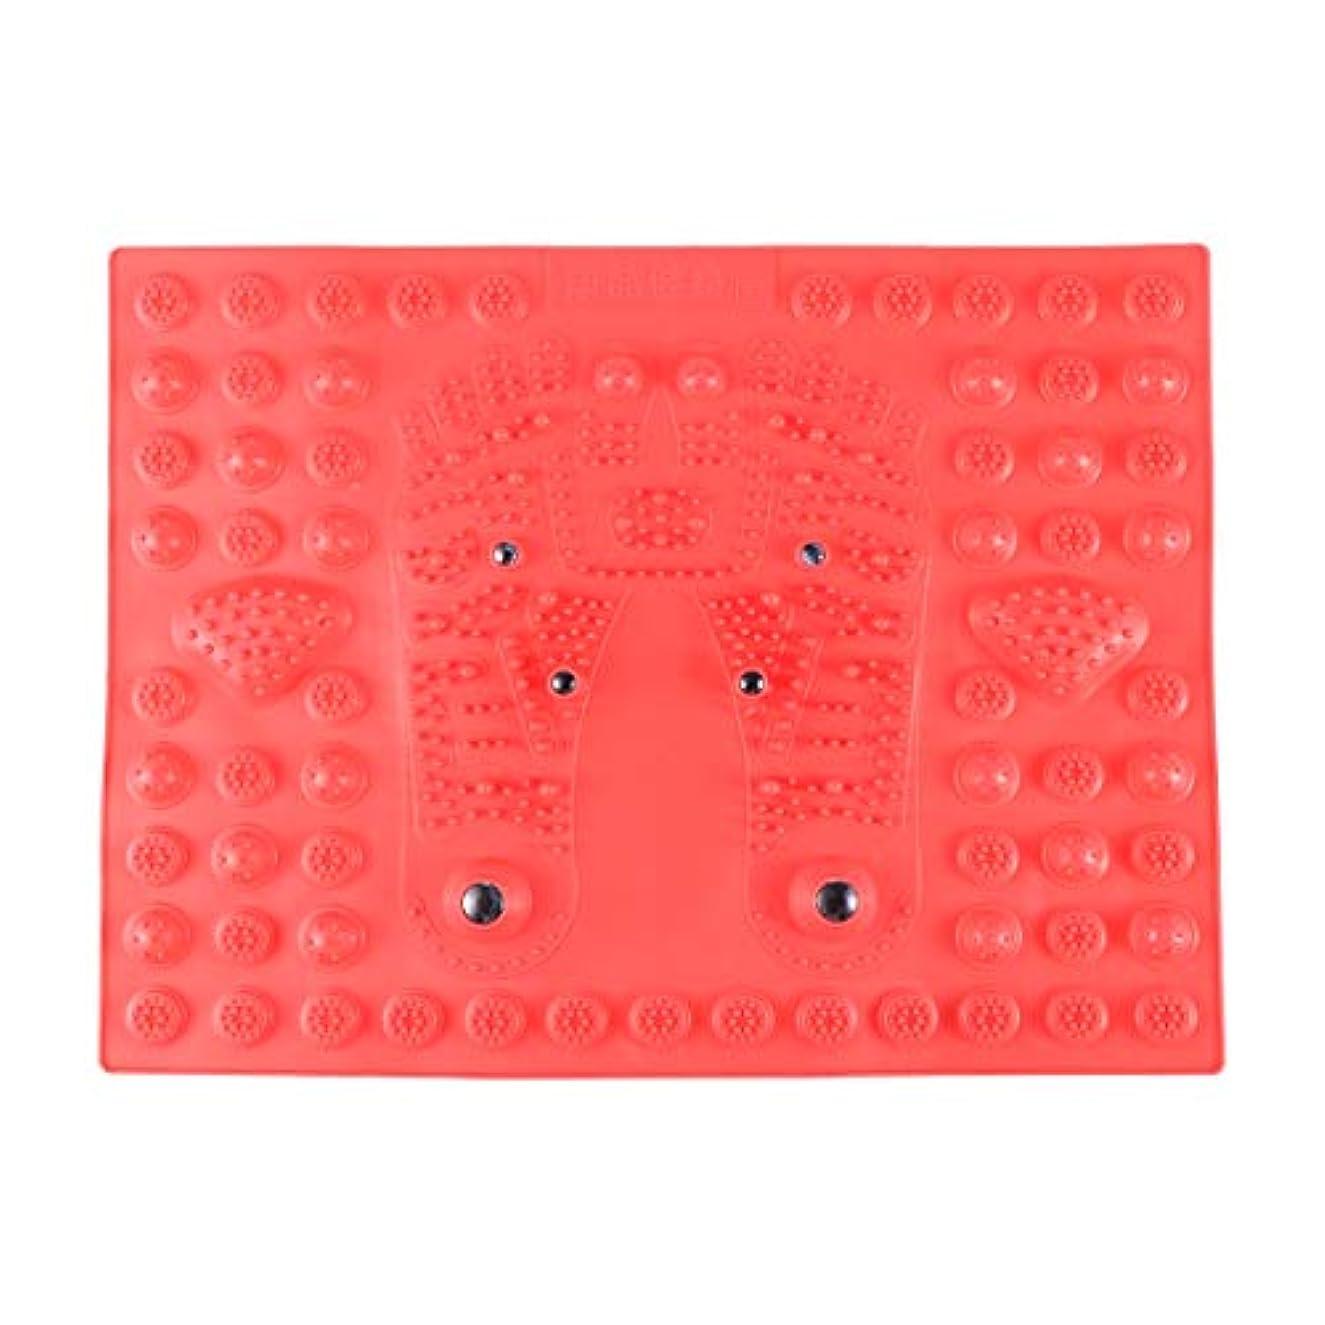 キャンディー小さな欺くHealifty 指圧フットマットフット磁気療法マッサージャーガーデンマッサージパッド(レッド)